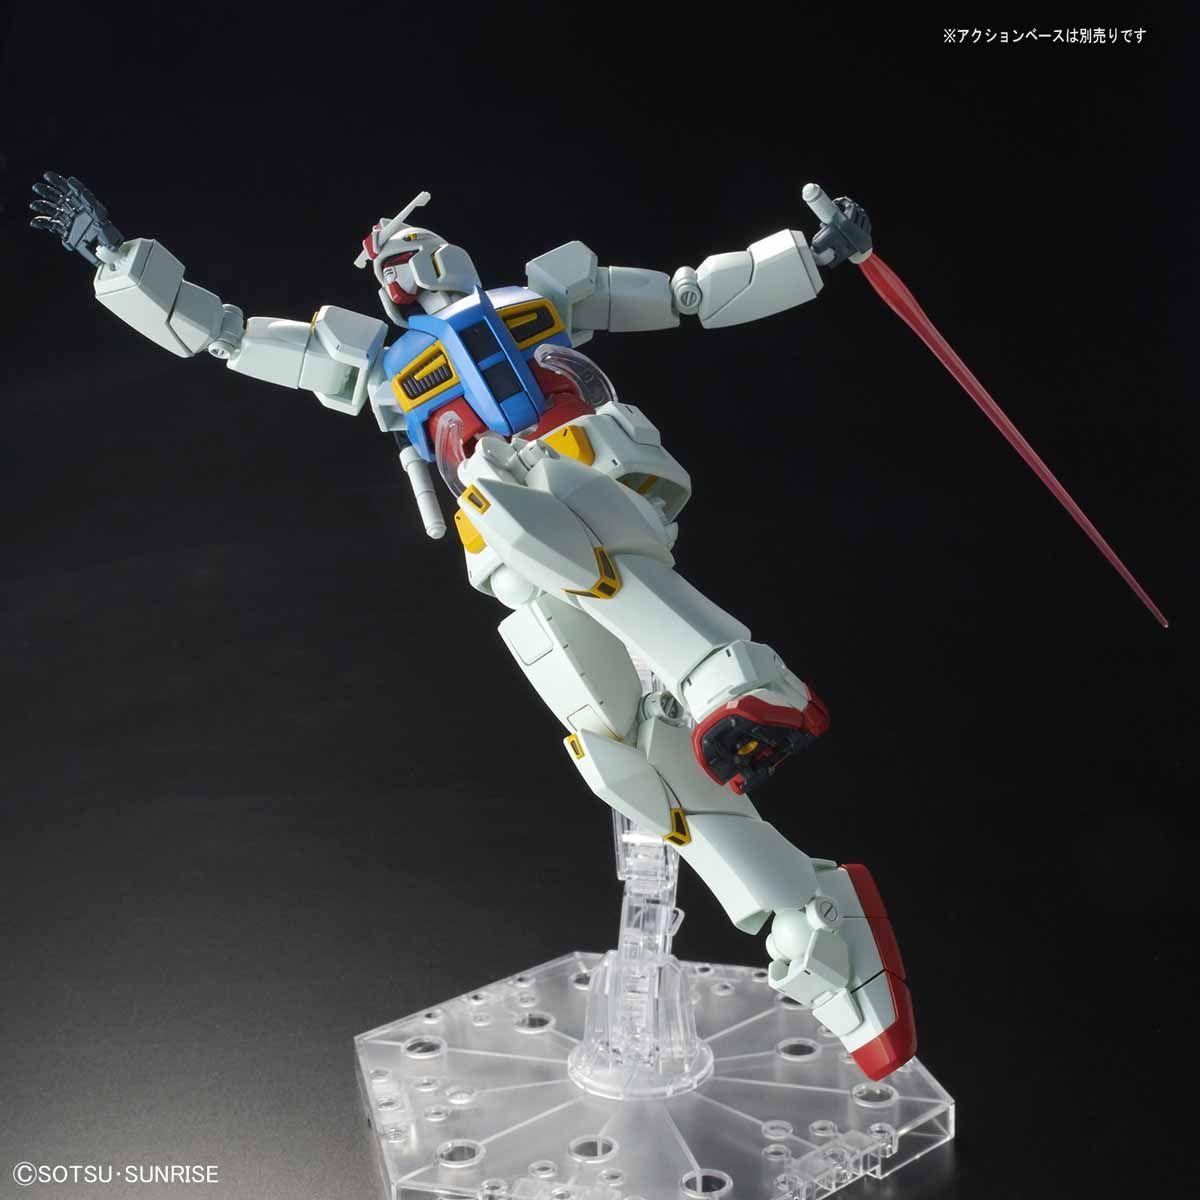 【再販】HG 1/144『ガンダムG40(Industrial Design Ver.)』プラモデル-009